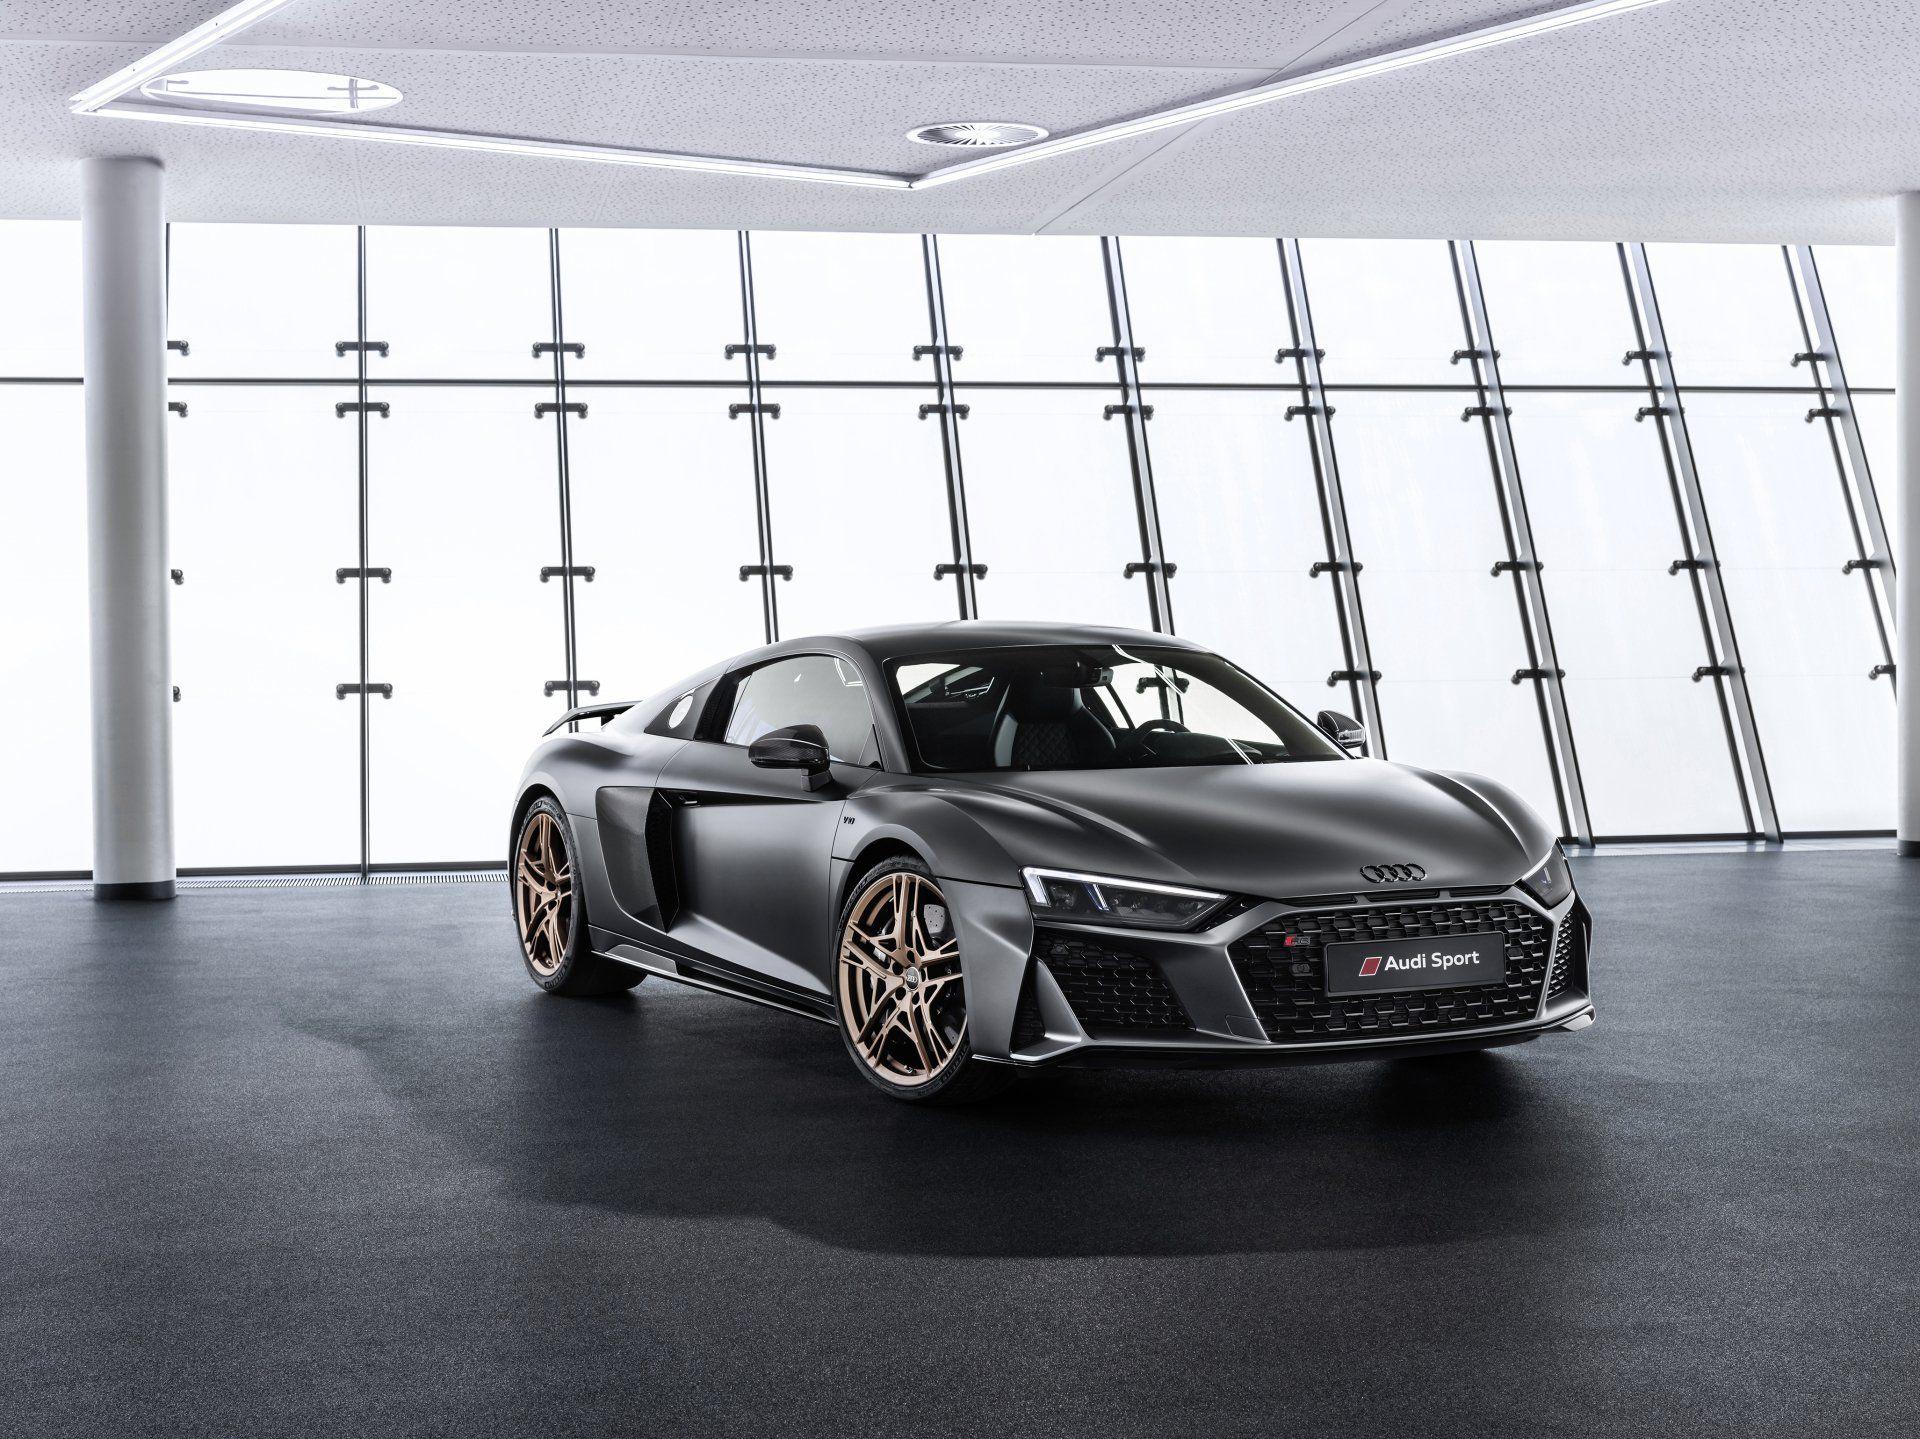 Audi R8 Wallpaper Google Suche